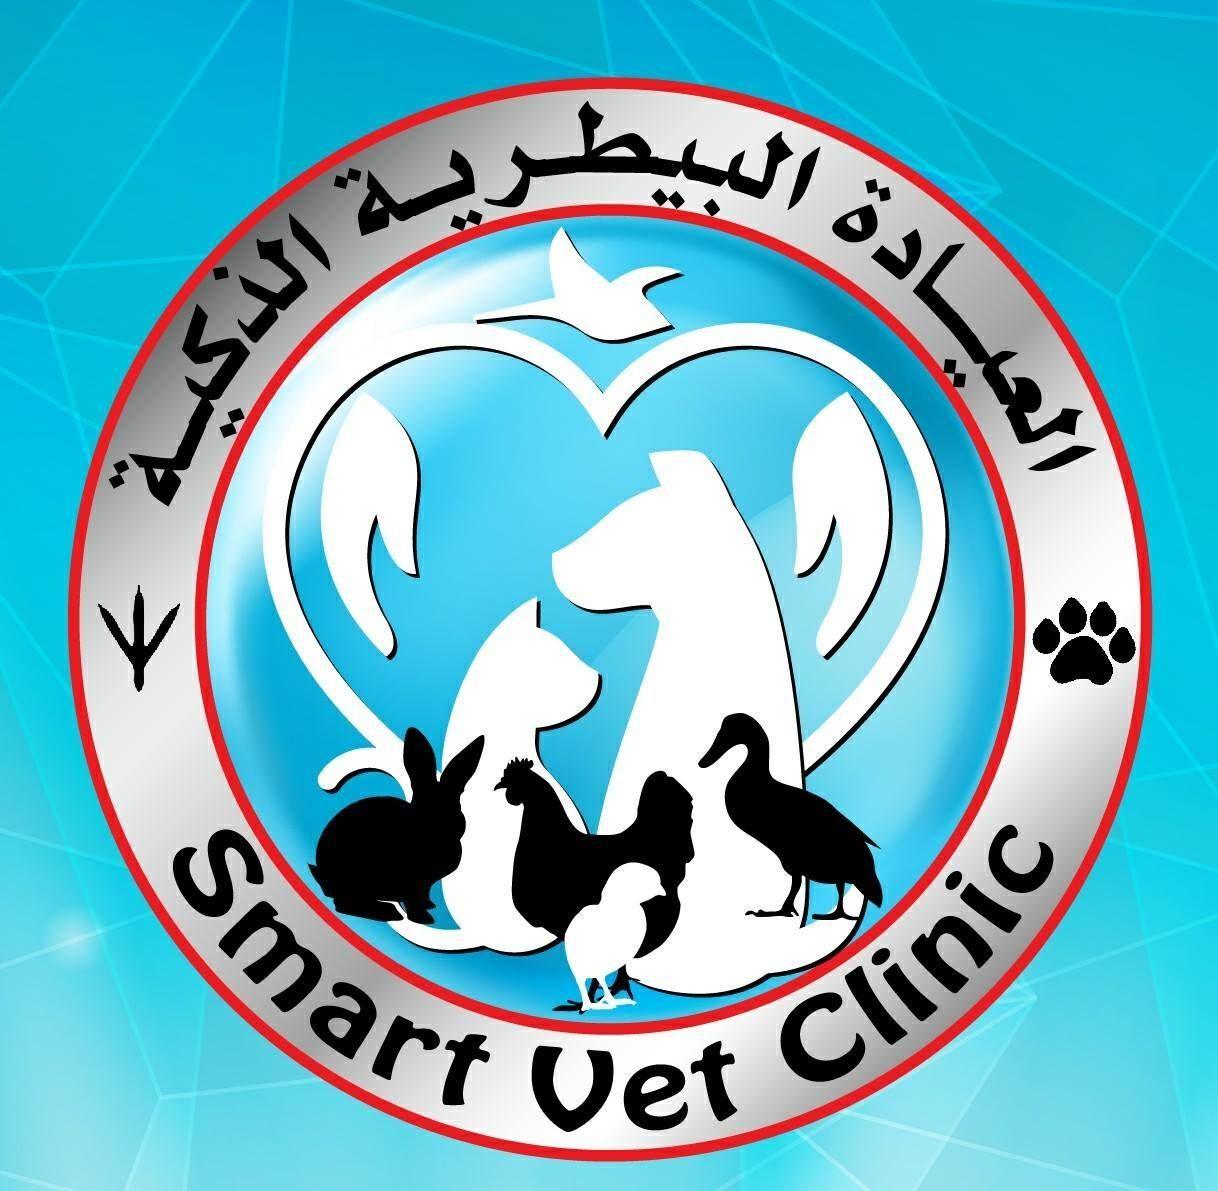 Smart Vet Clinic